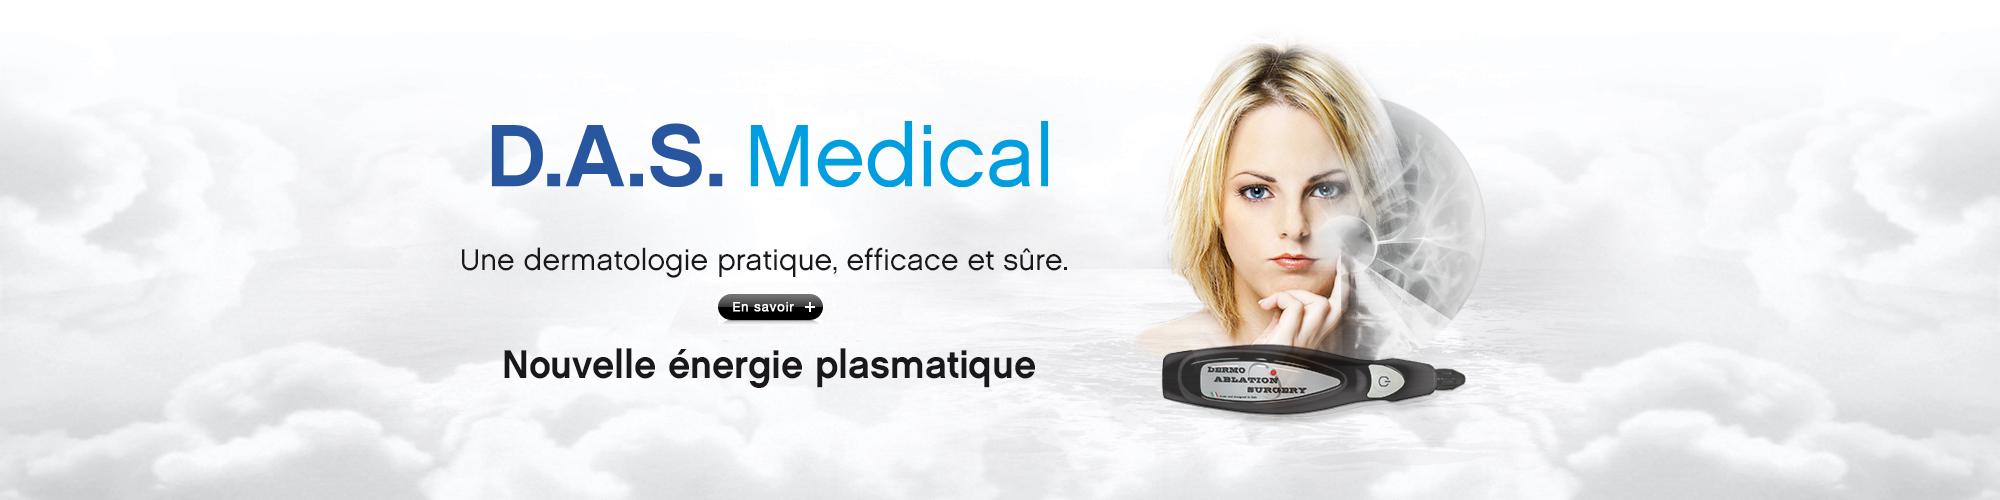 https://www.capactuel.com/storage/app/media/Carousel/accueil/bannieredas.jpg